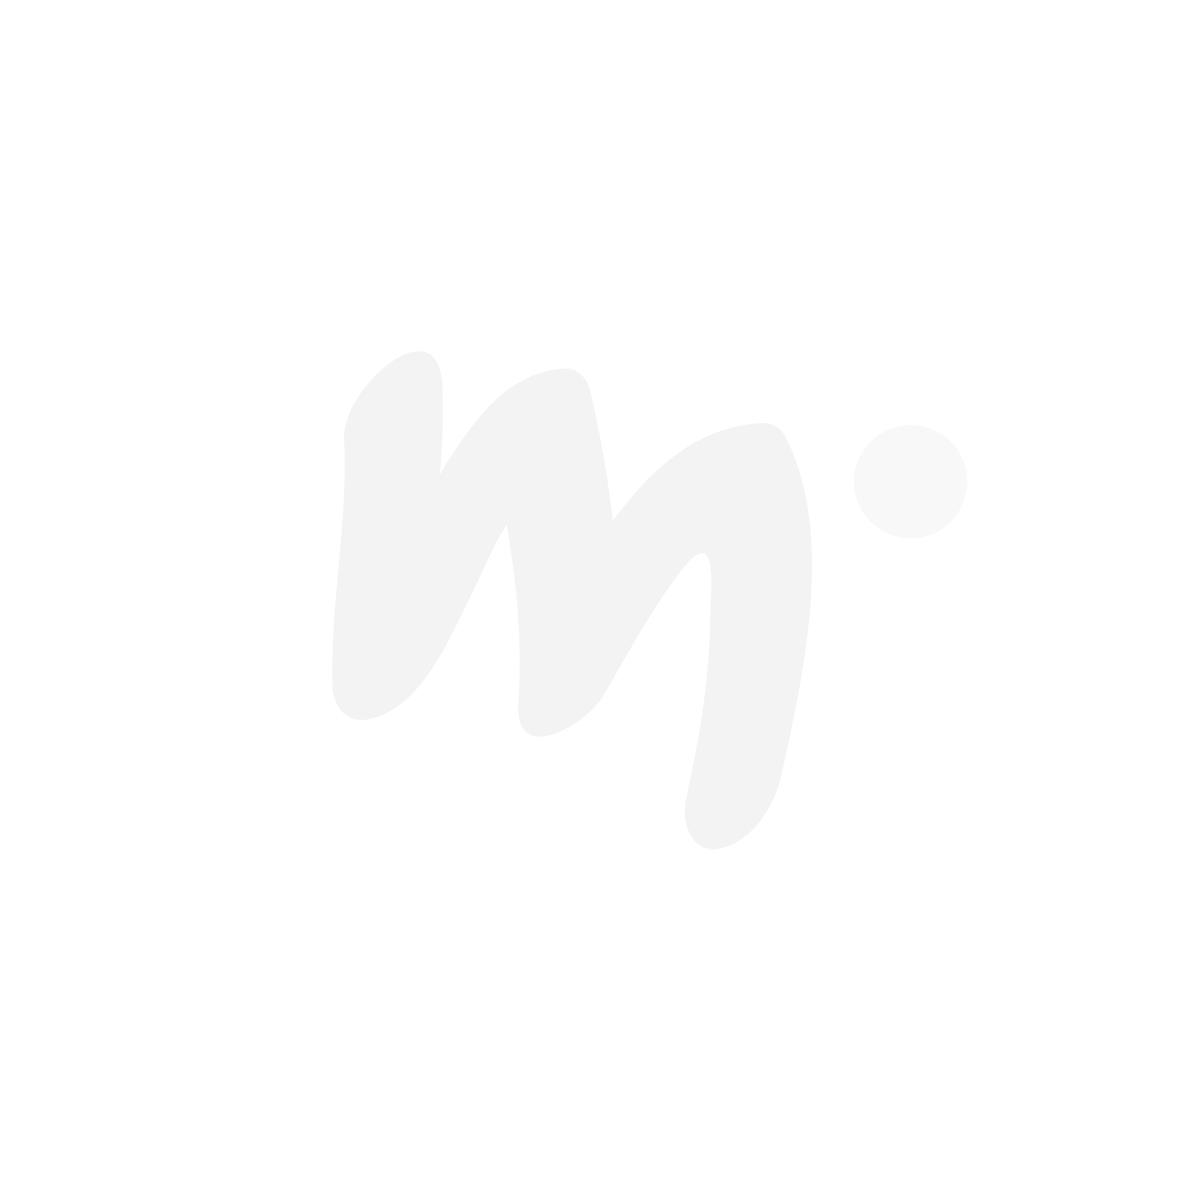 Muumi Hahmot-kahvipurkki pyöreä